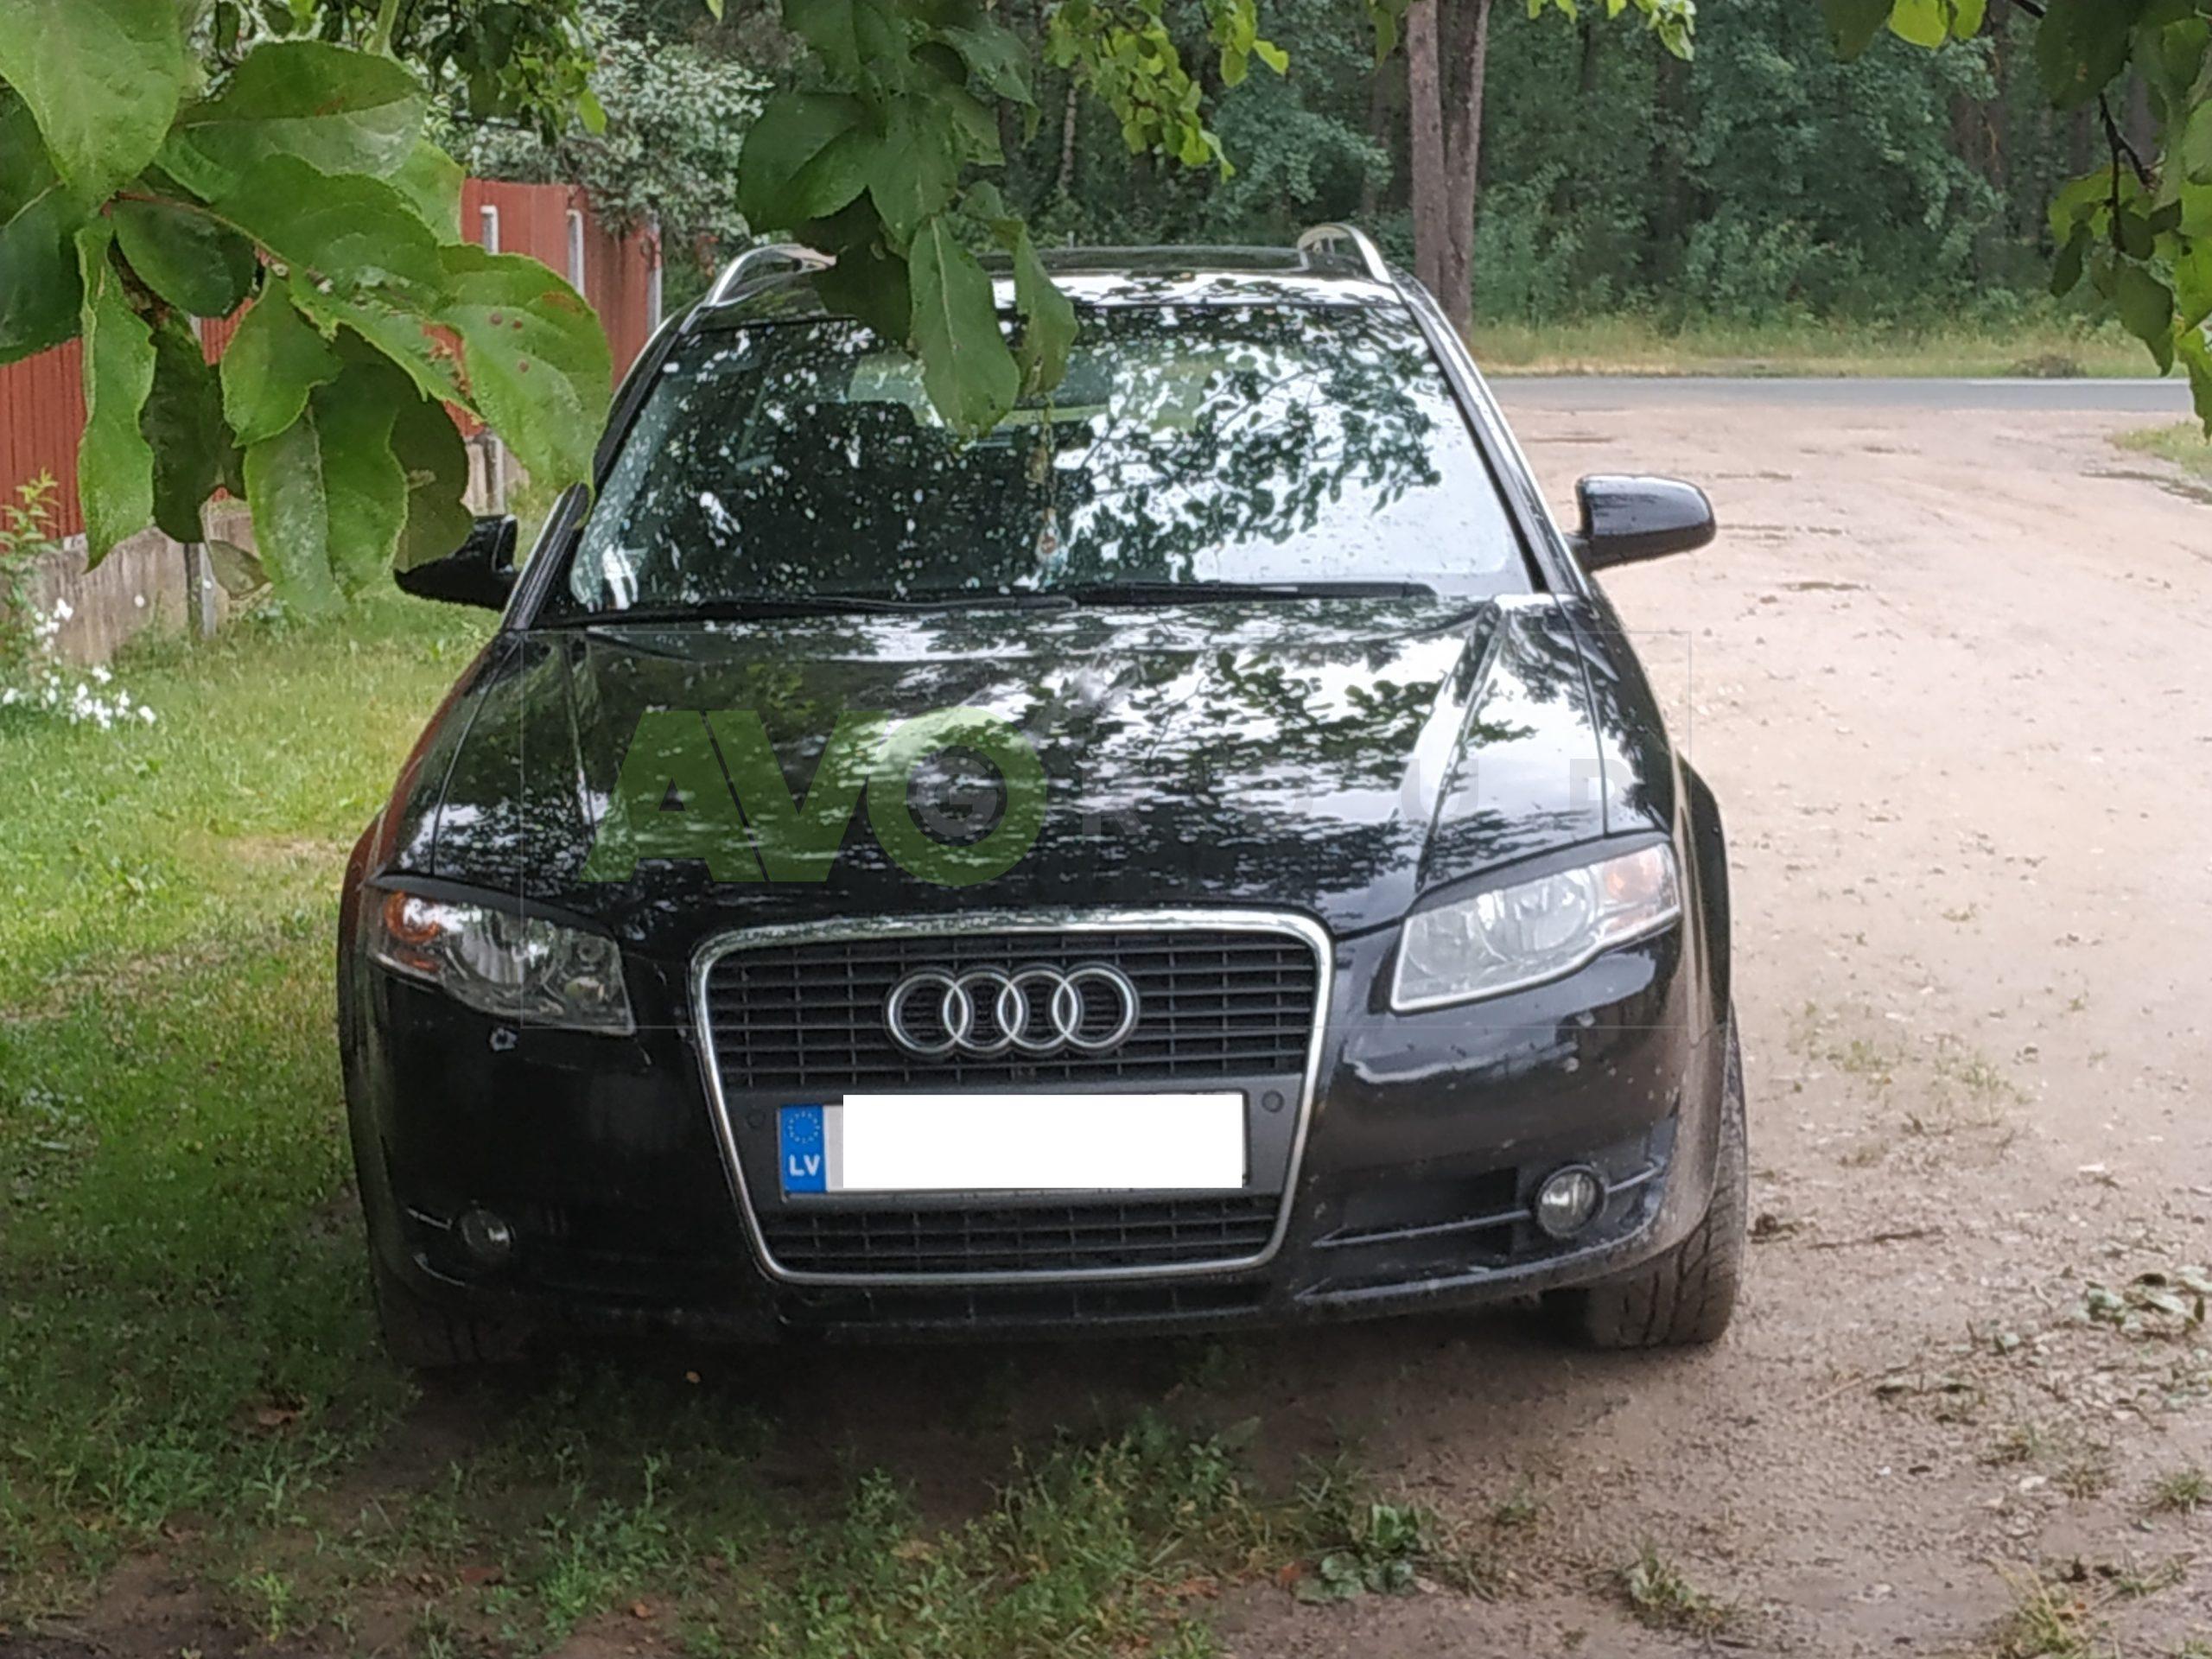 Kelebihan Kekurangan Audi B7 Top Model Tahun Ini